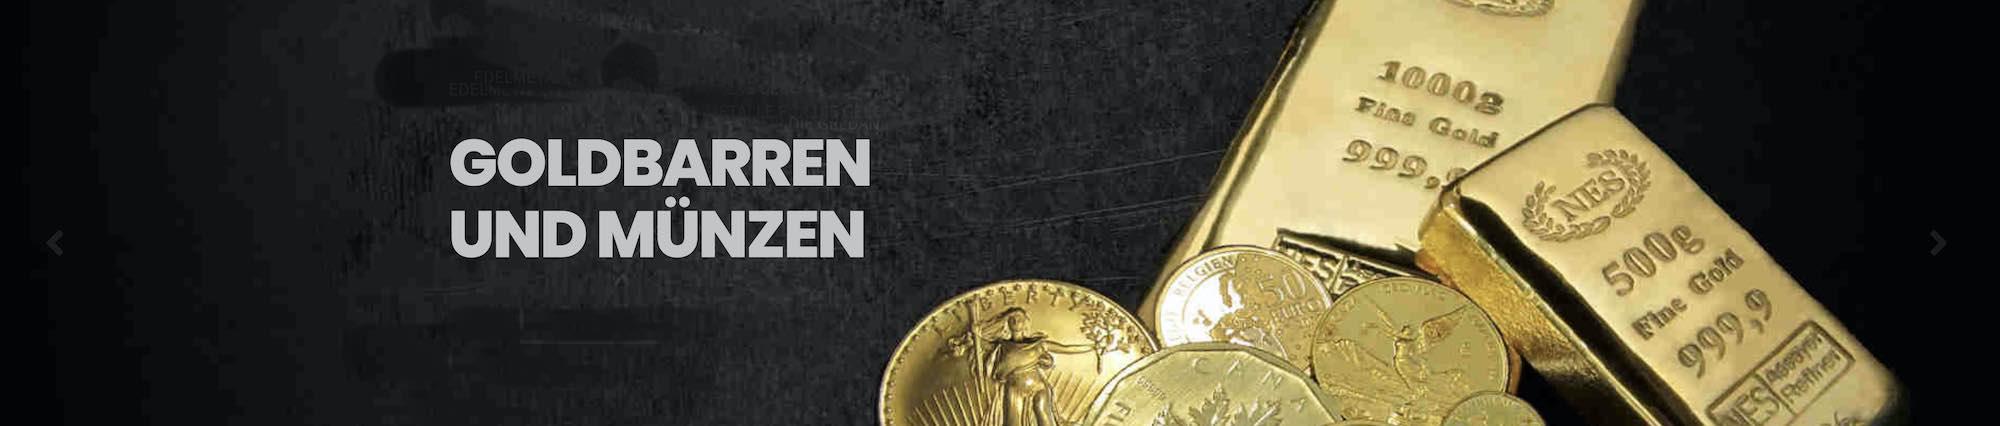 Goldbarren und Goldmünzen